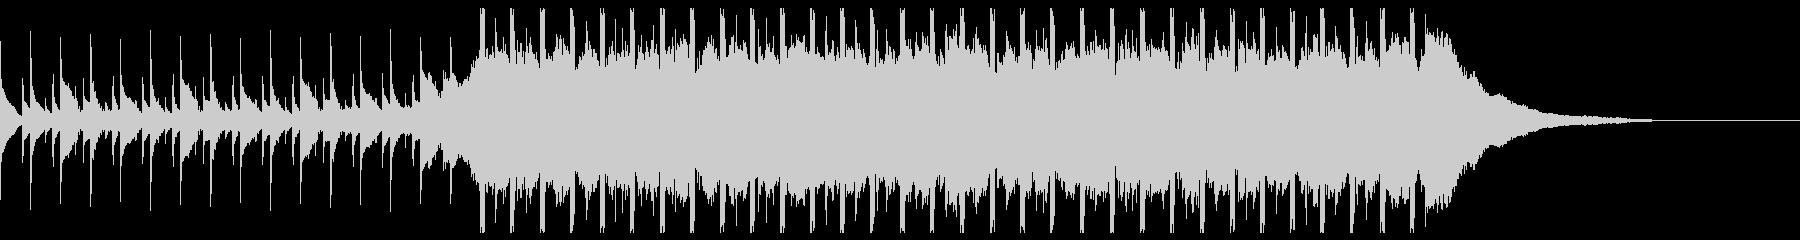 ポジティブコーポレート(30秒)の未再生の波形